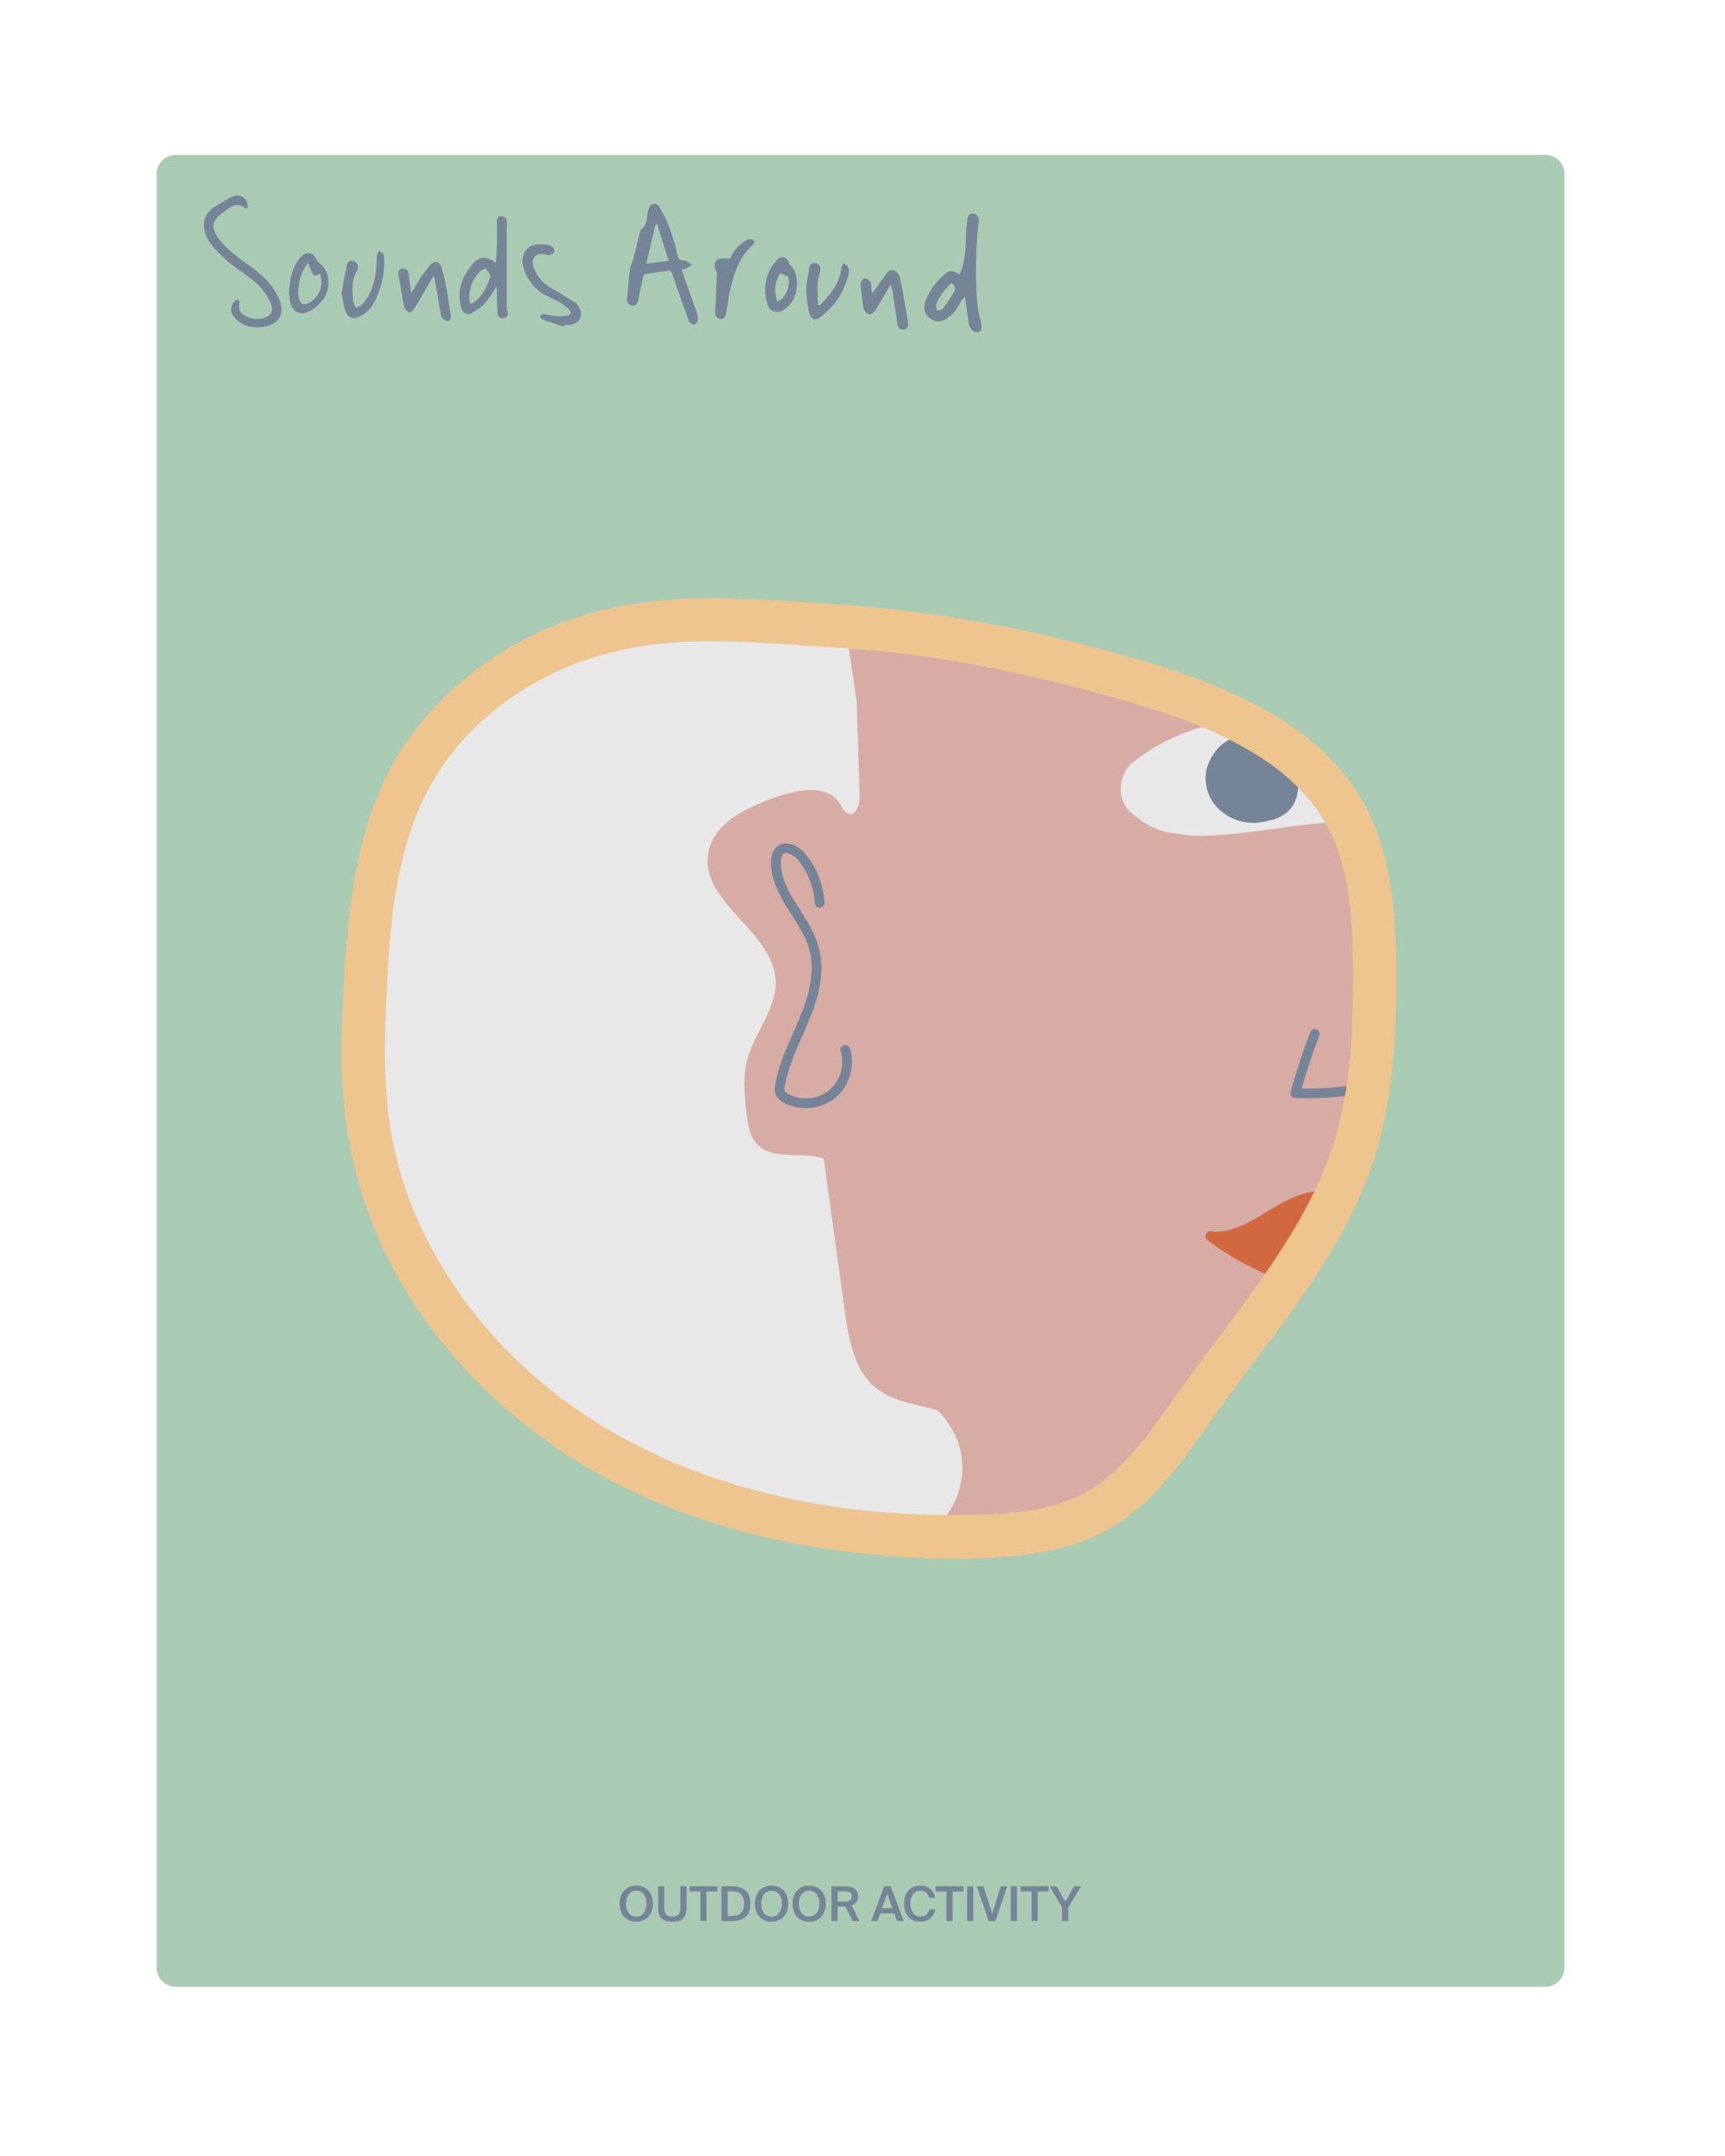 Sounds Around